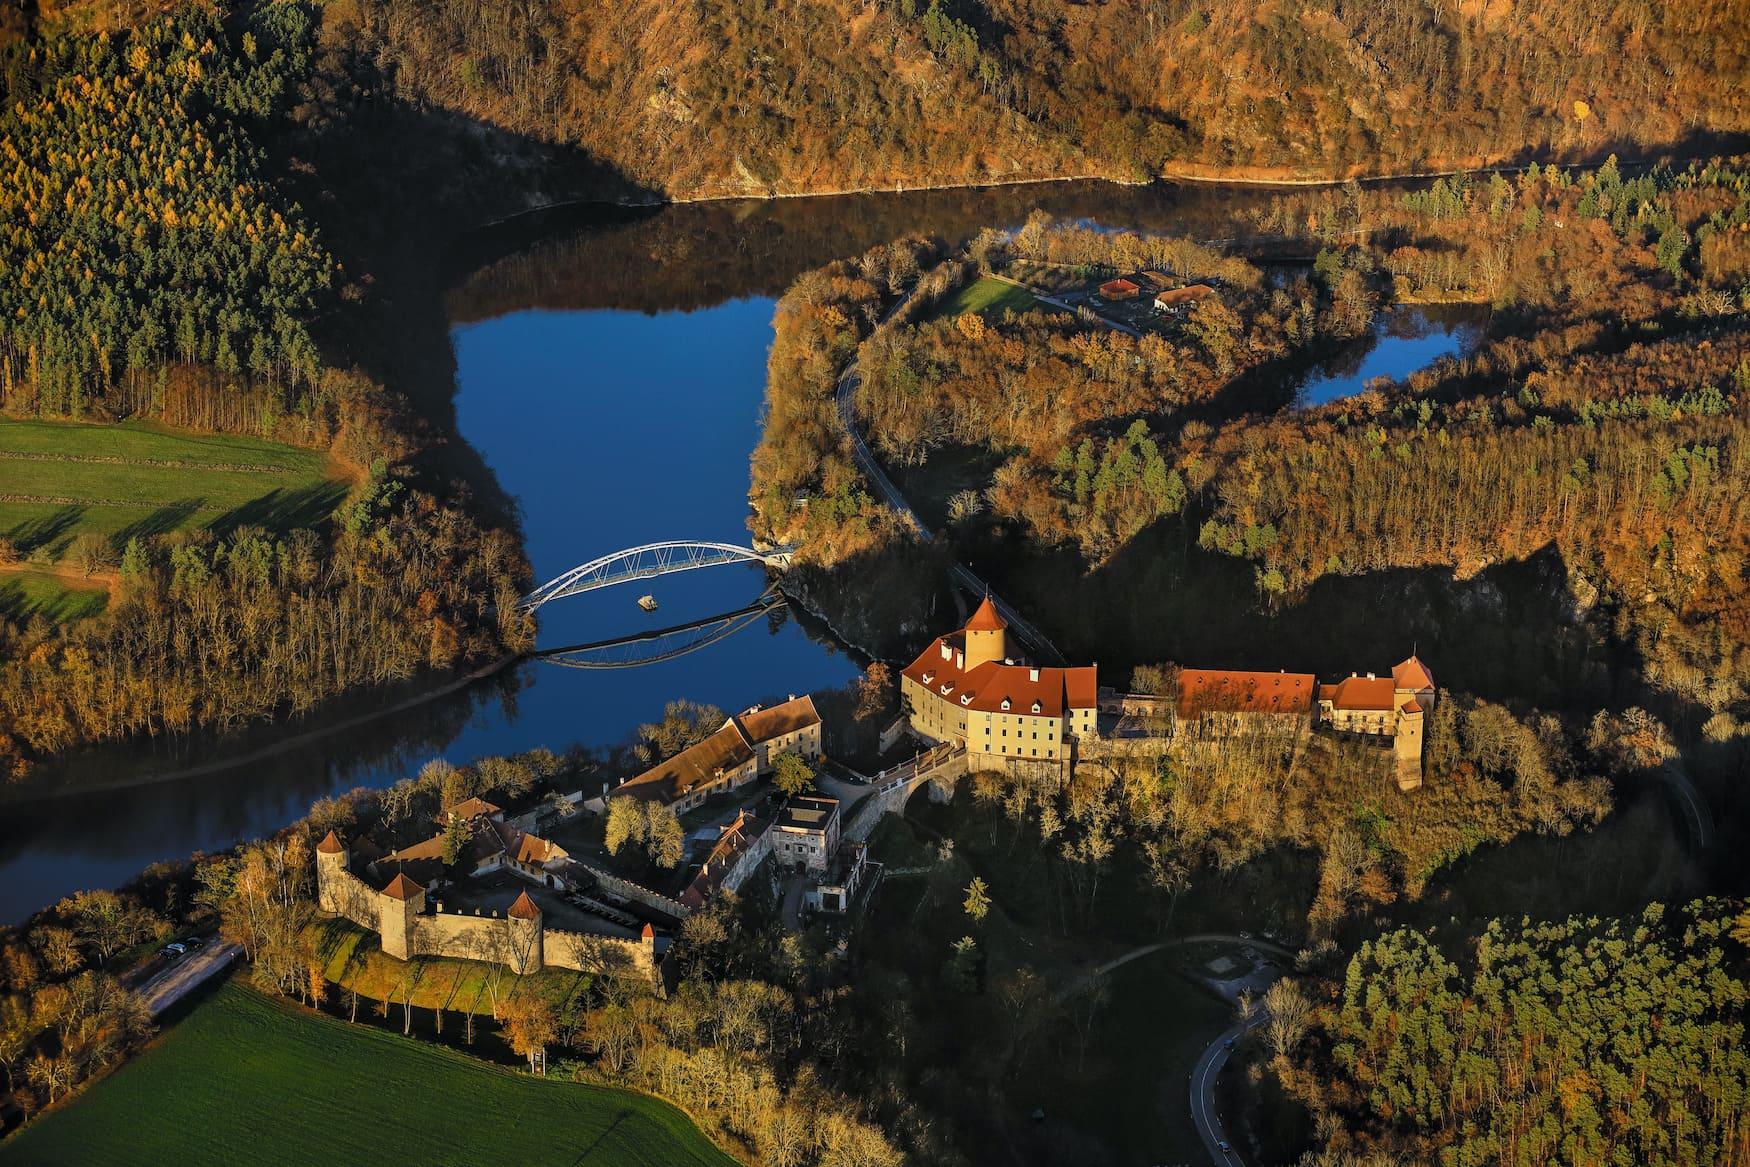 Blick auf die Burg Veveri in Tschechien, die man am besten auf einem Boot erreicht